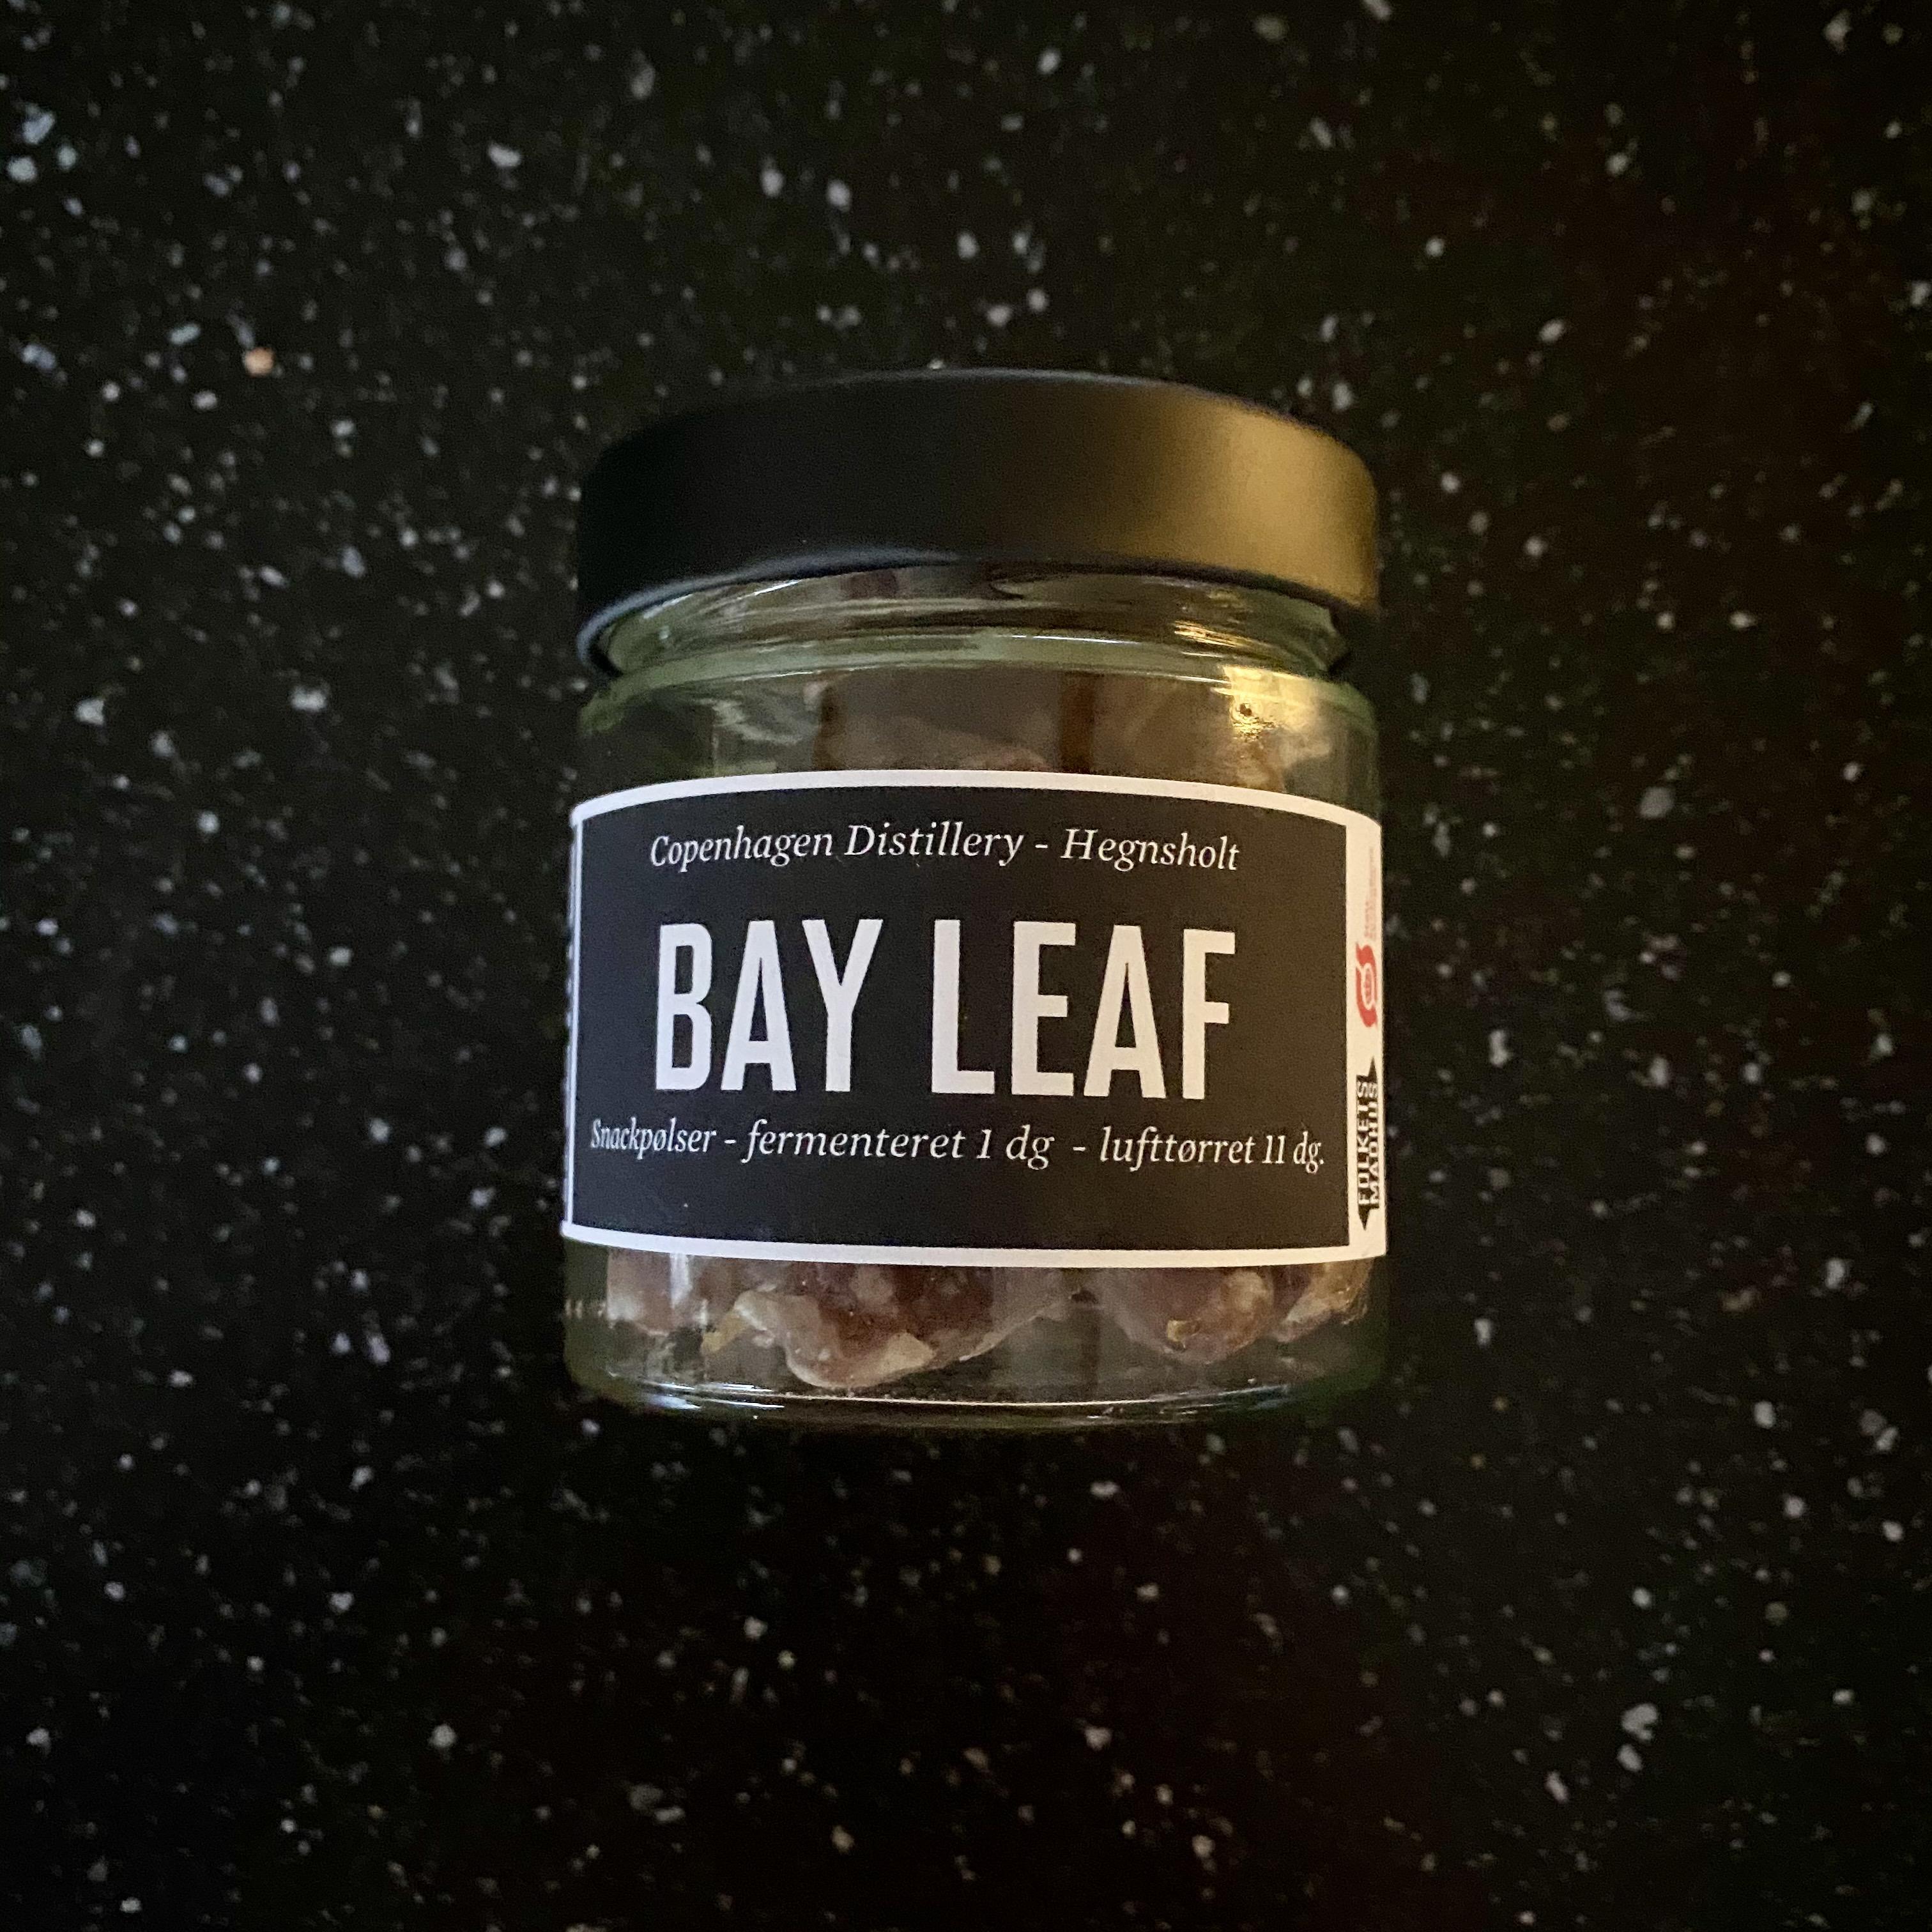 Bay Leaf - Snackpølser